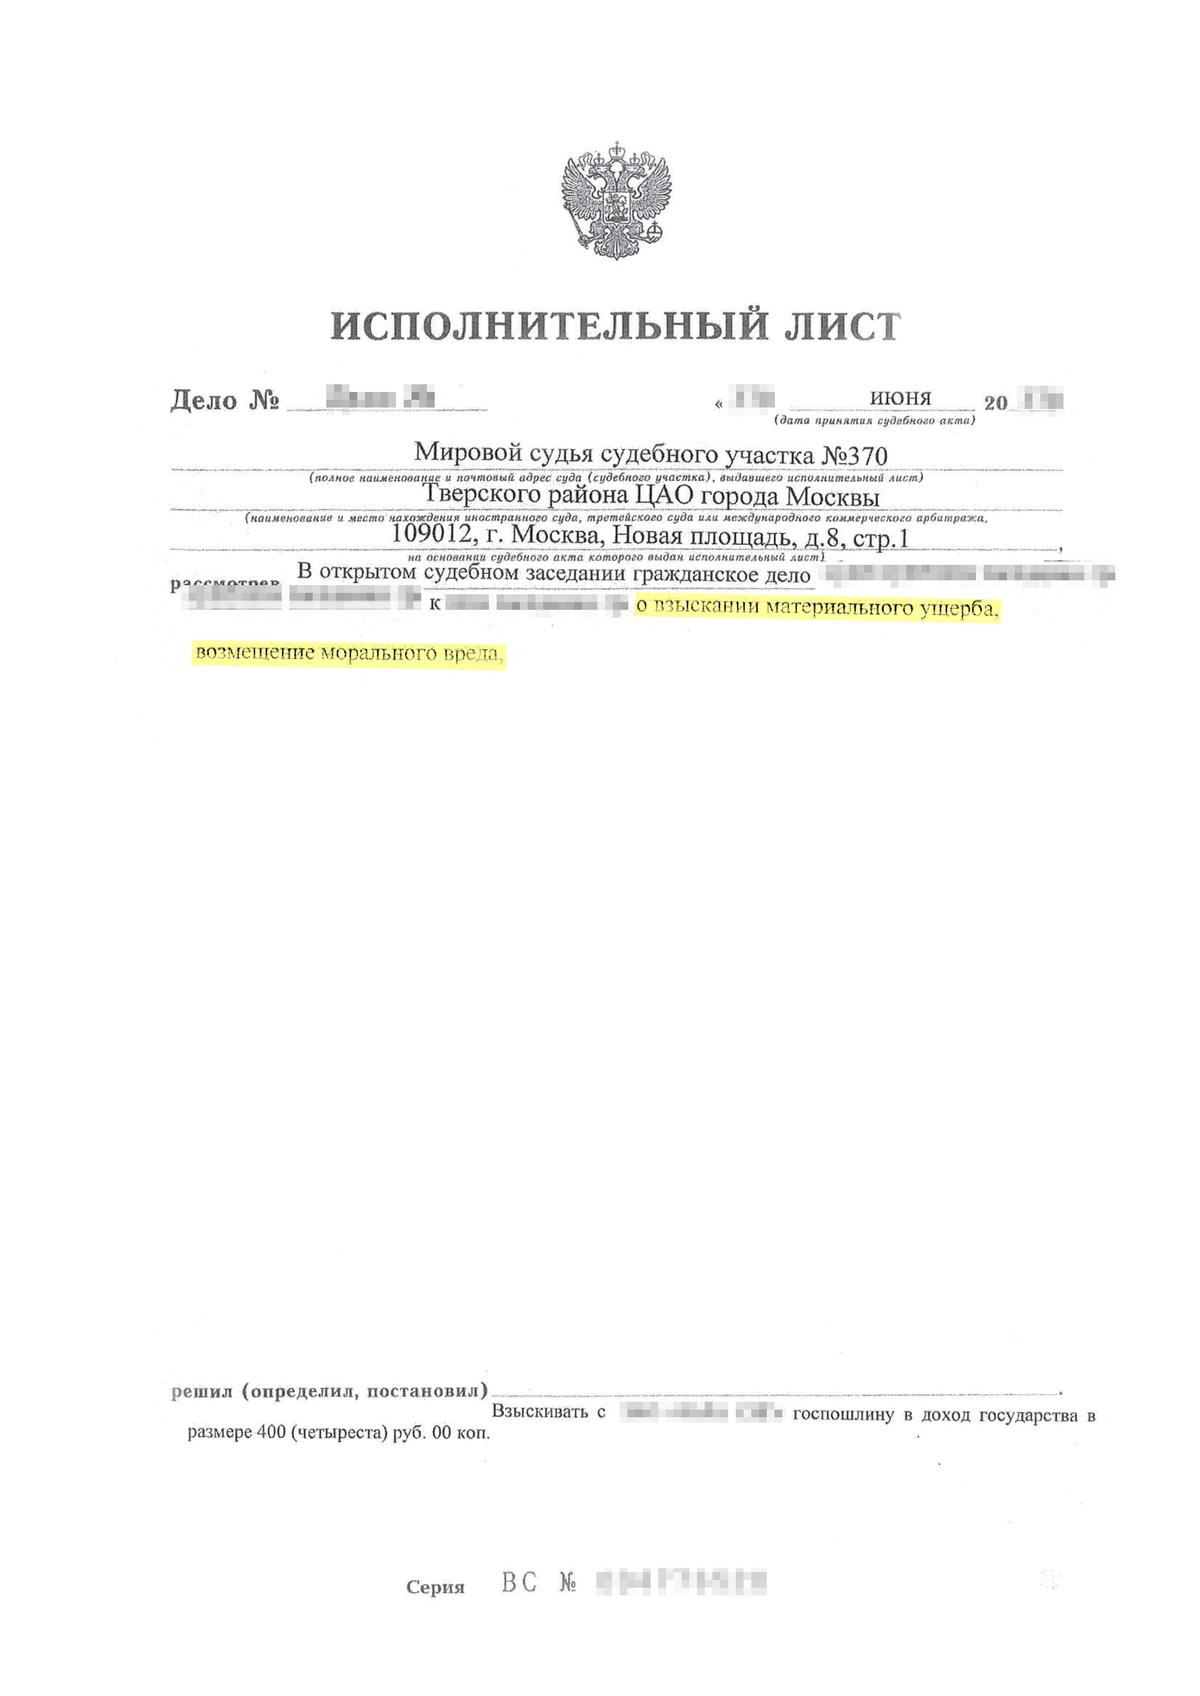 Исполнительный лист о взыскании материального ущерба, возмещении морального вреда